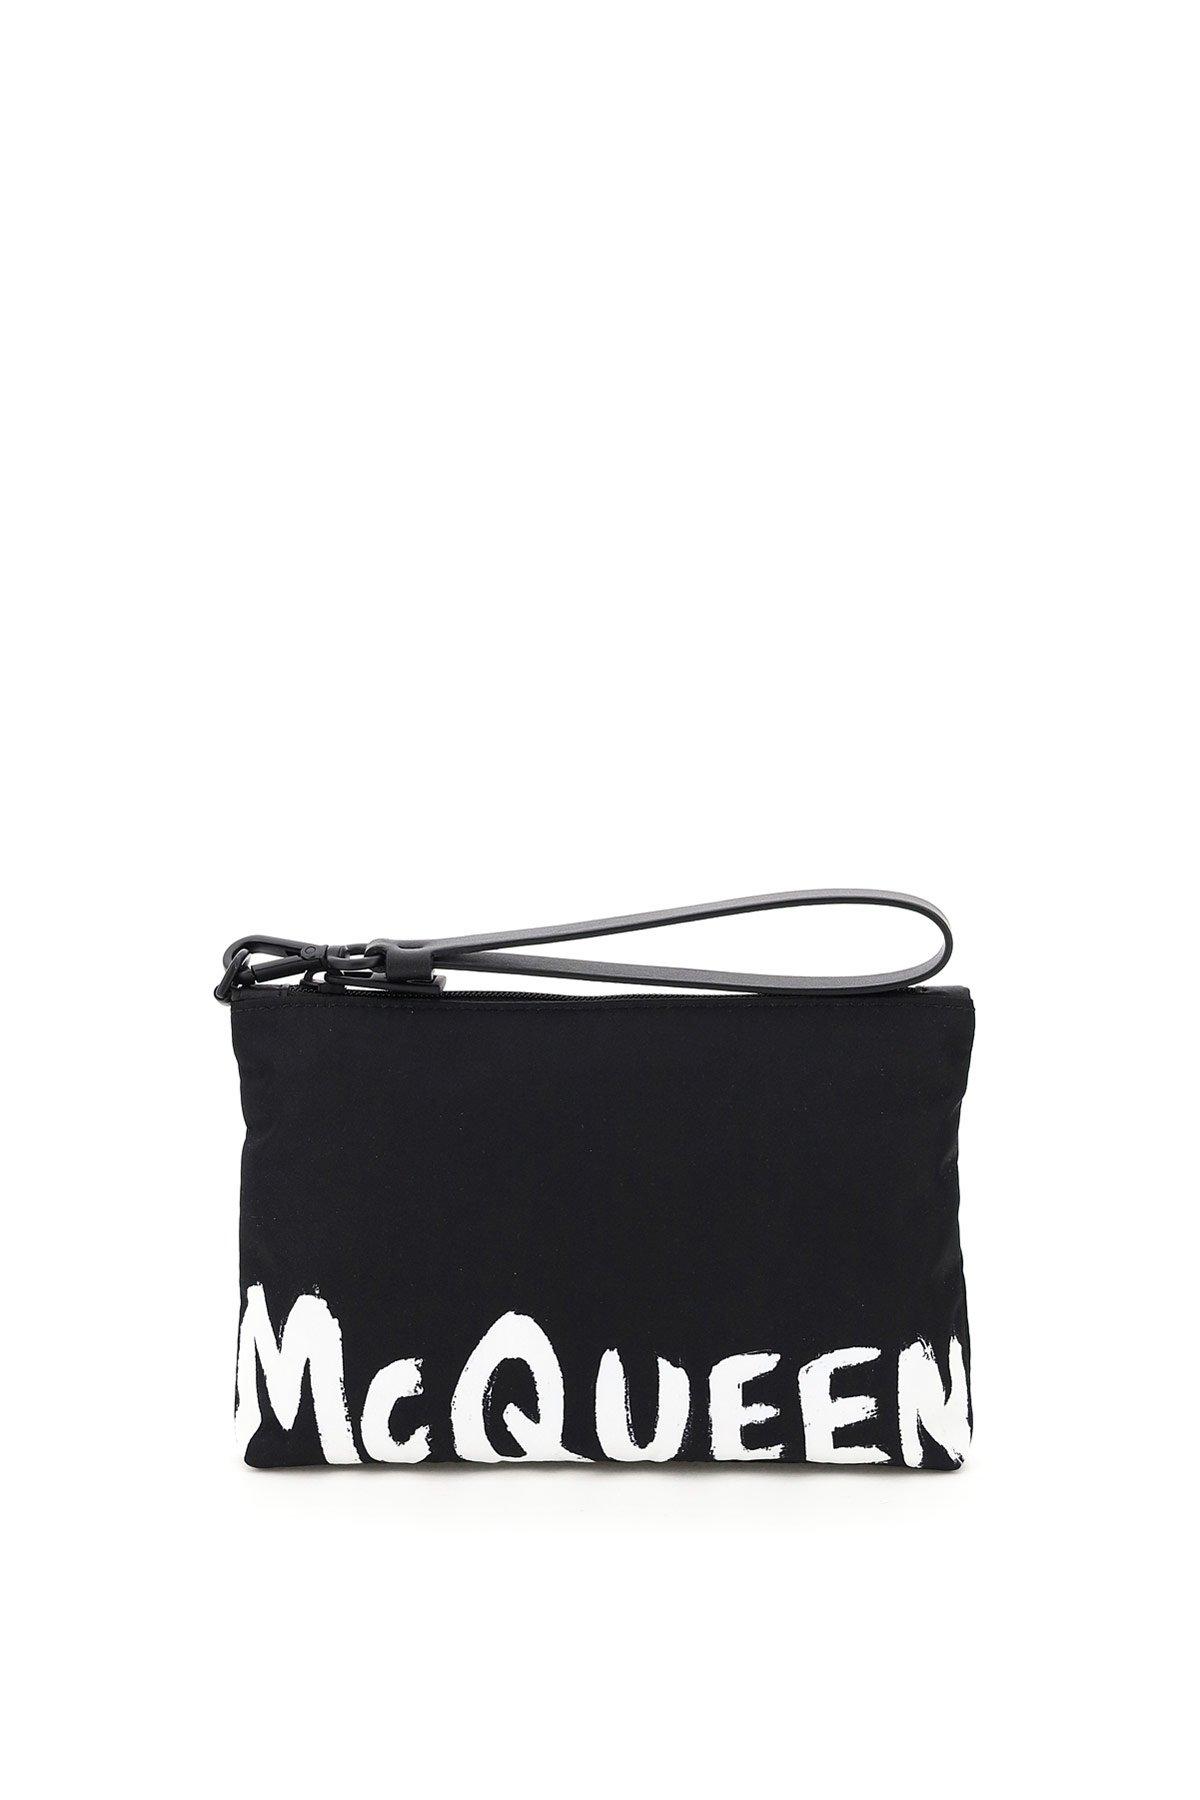 Alexander mcqueen pouch travel logo graffiti